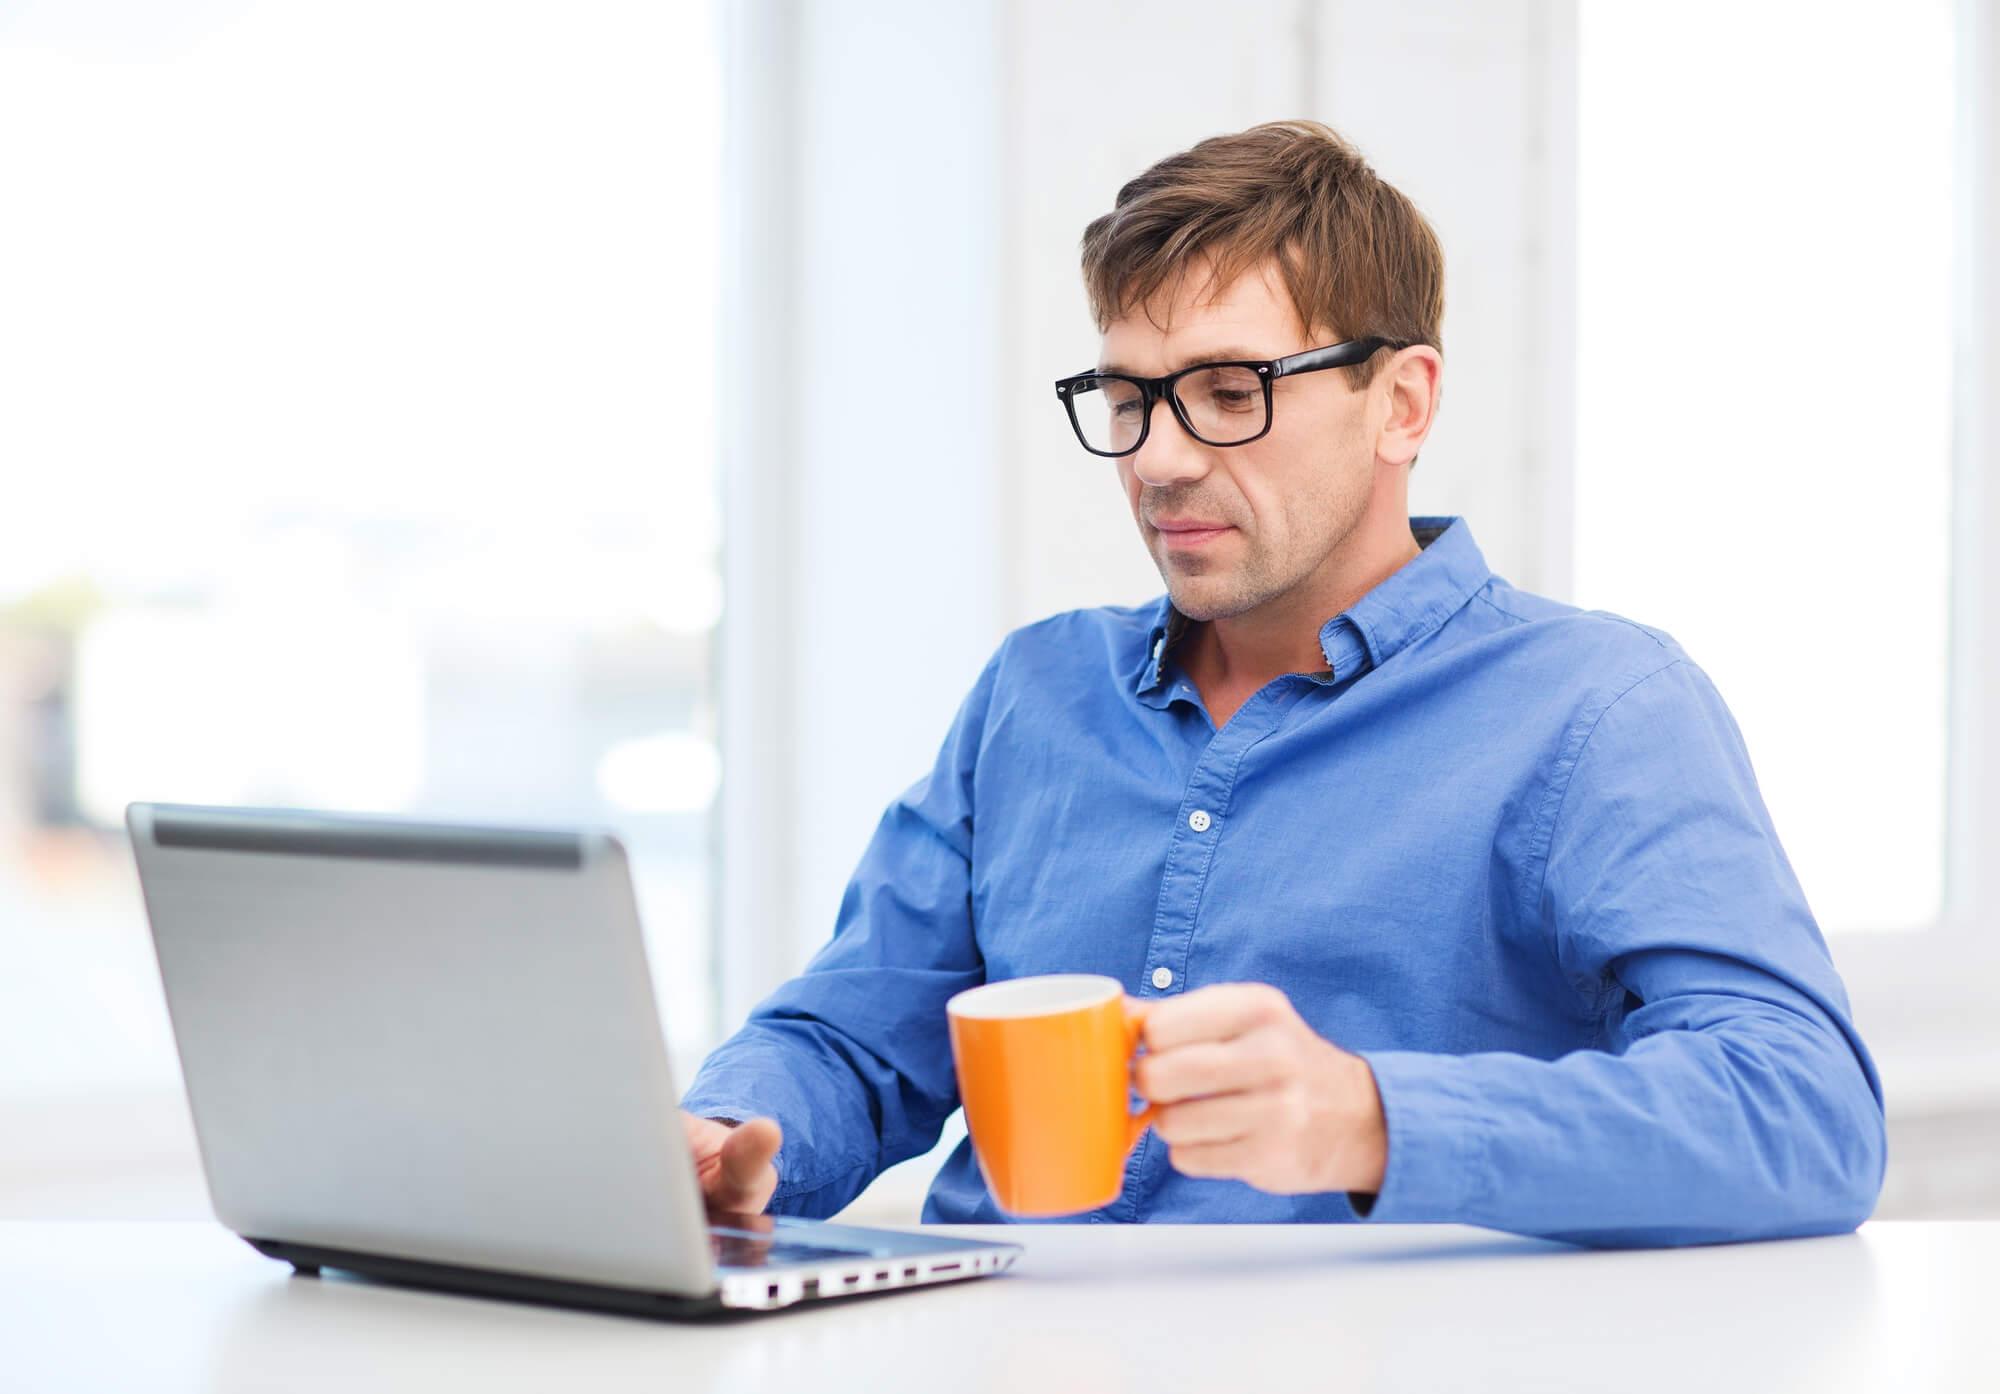 E-mail corporativo: tire aqui suas dúvidas!